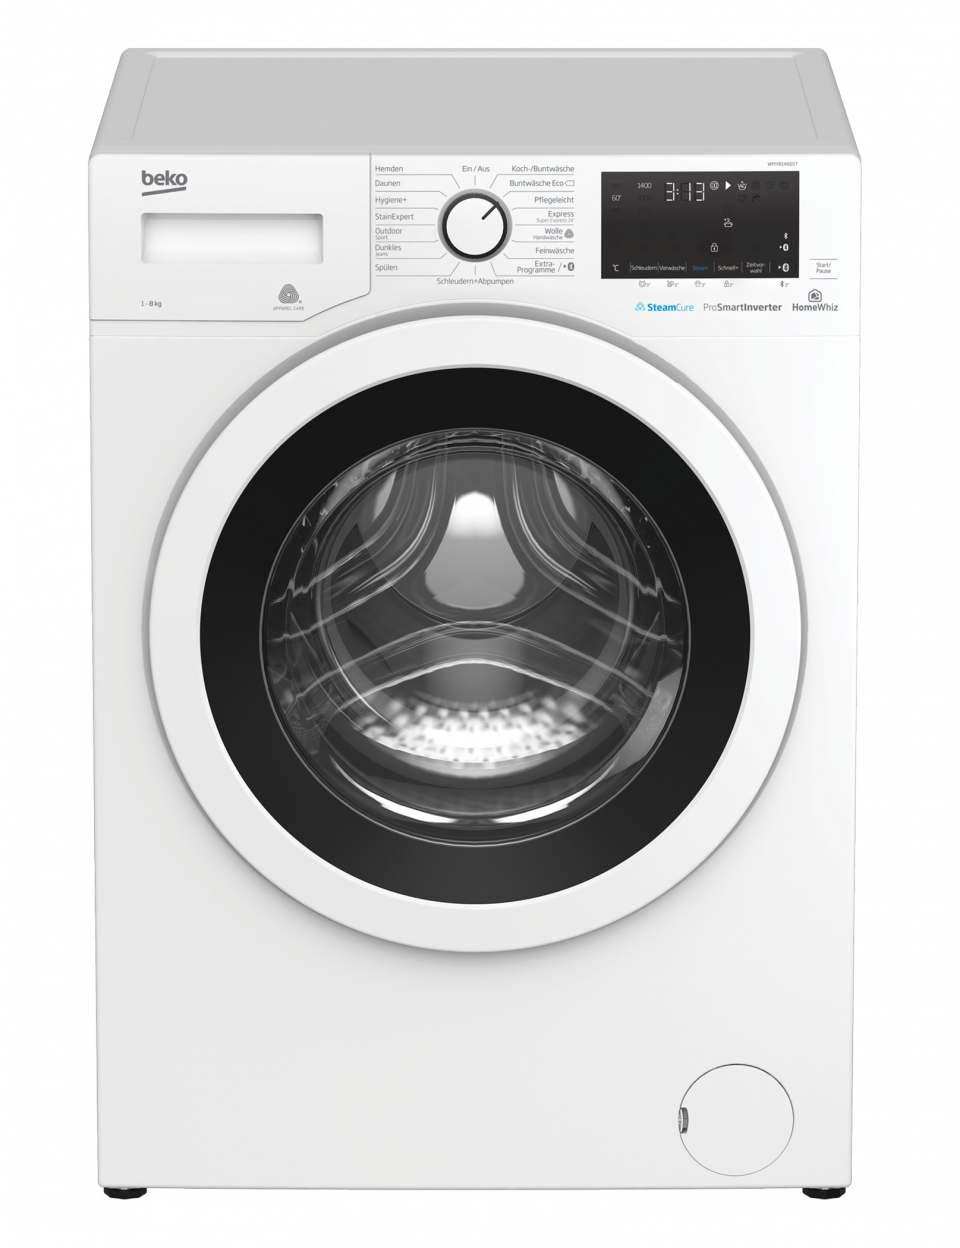 Beko Waschmaschine WMY81466ST mit SteamCure-Technologie.